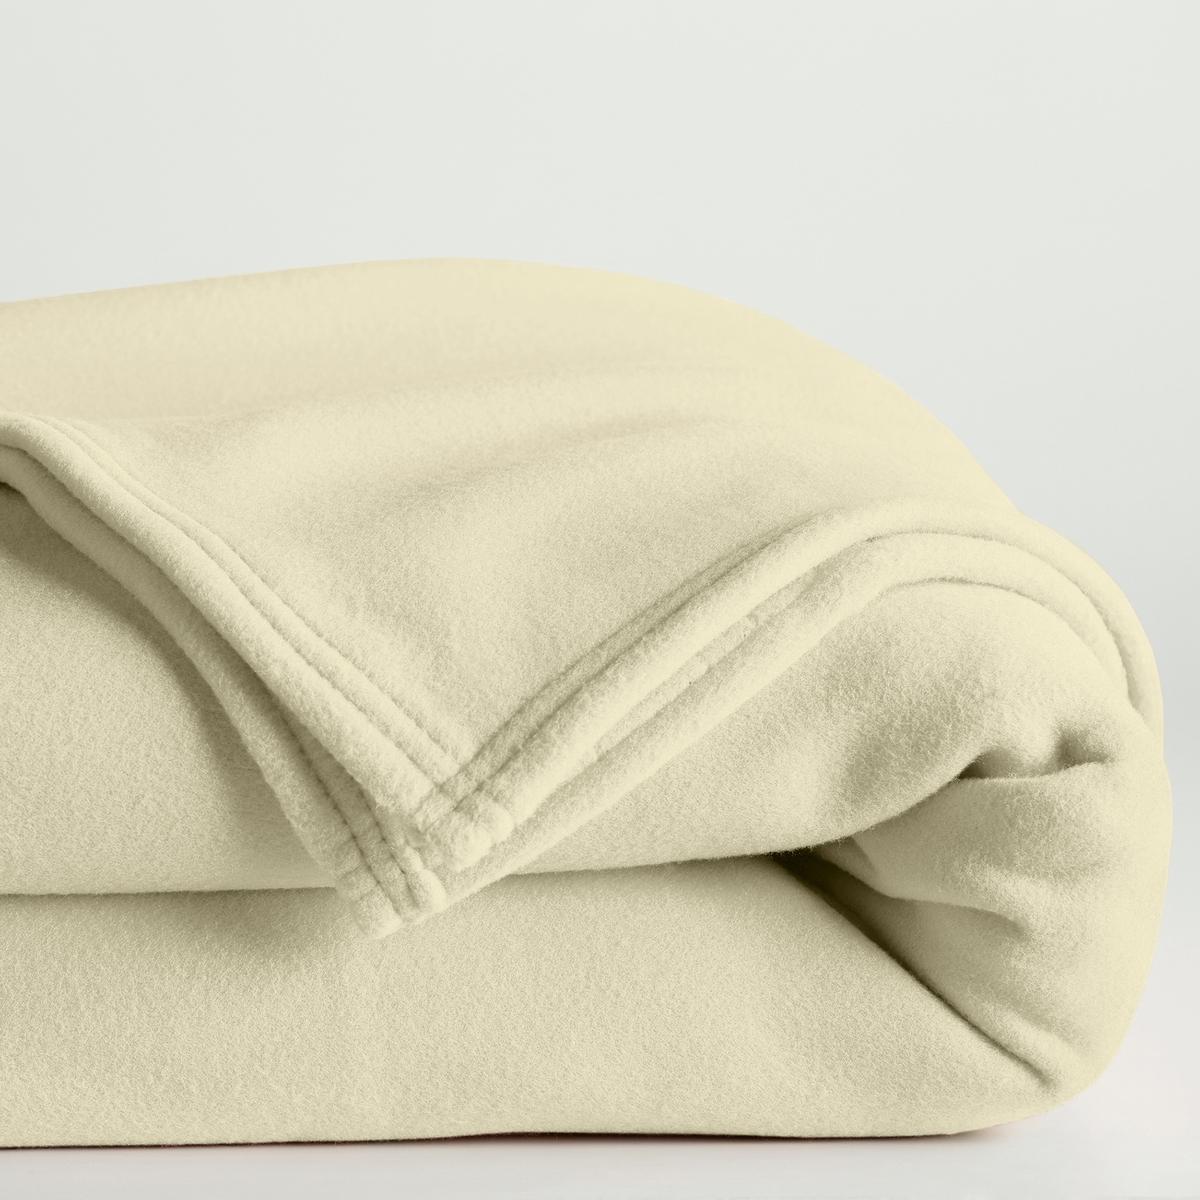 Покрывало флисовое 600 г/м?Характеристики флисового покрывала :100% полиэстерОтделка двойной прострочкой.Стирать при 60°, быстрое высыхание.Гарантия 2 года.Это покрывало подходит для использования в неотапливаемых комнатах (при температуре от 12° и ниже).Плюсы изделия : Очень плотное, теплое и комфортное, мягкое и простое в уходе.<br><br>Цвет: бежевый,малиновый,синий королевский,сливовый,темно-серый,шоколадный,экрю<br>Размер: 75 x 100  см.240 x 220  см